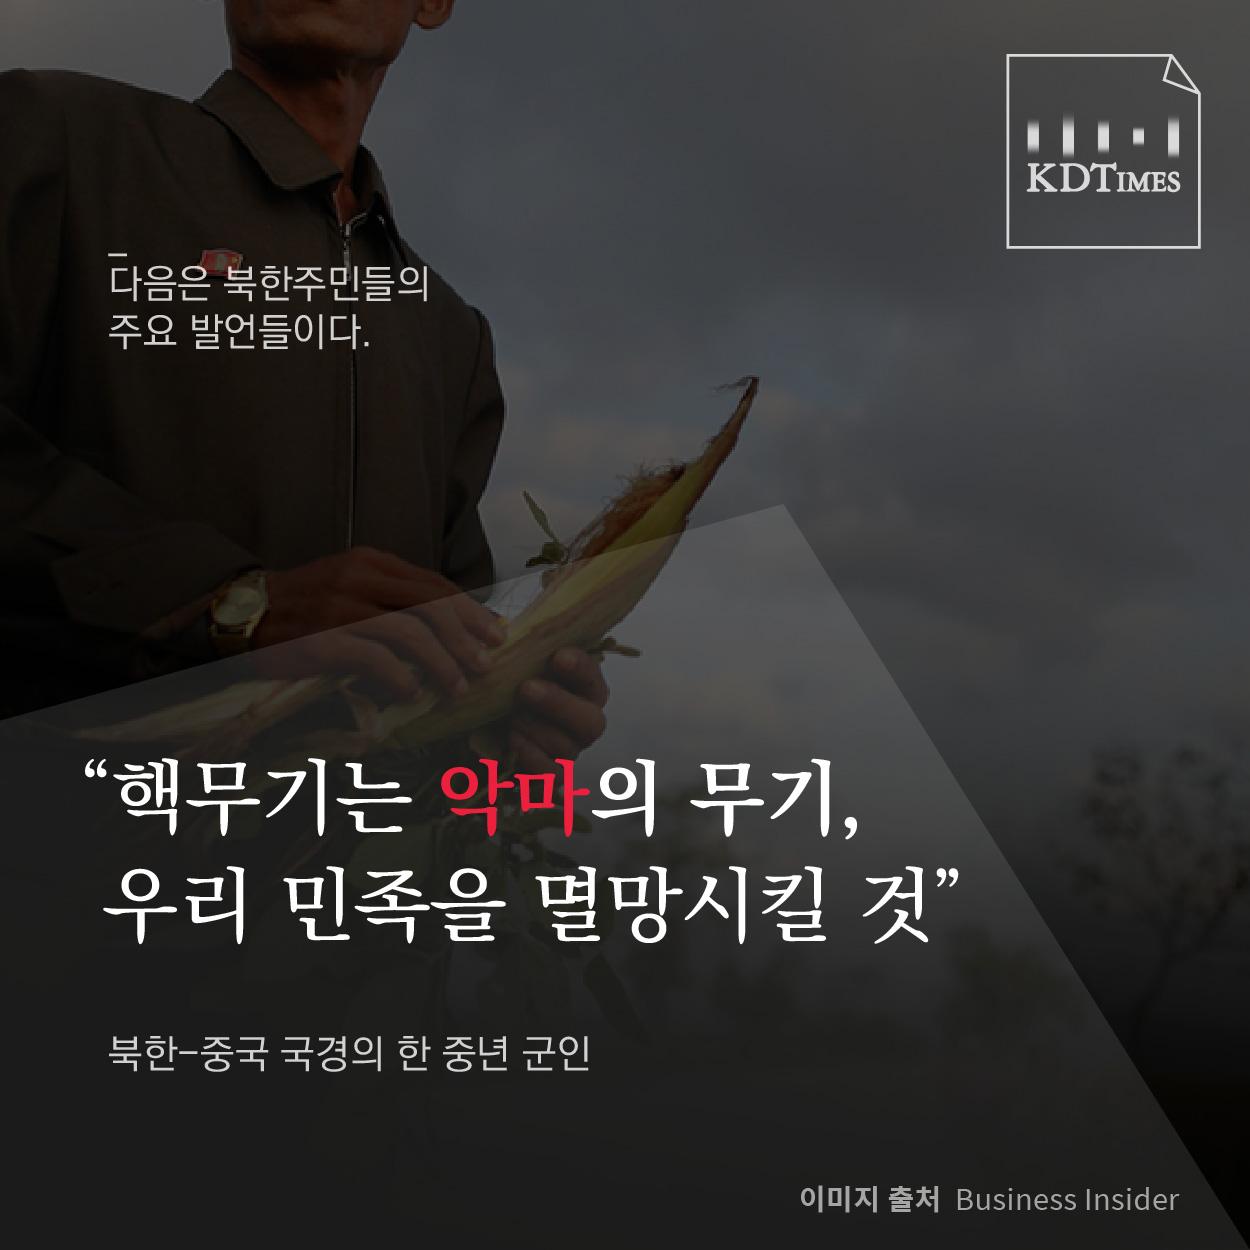 180312_북주민인터뷰-05.jpg